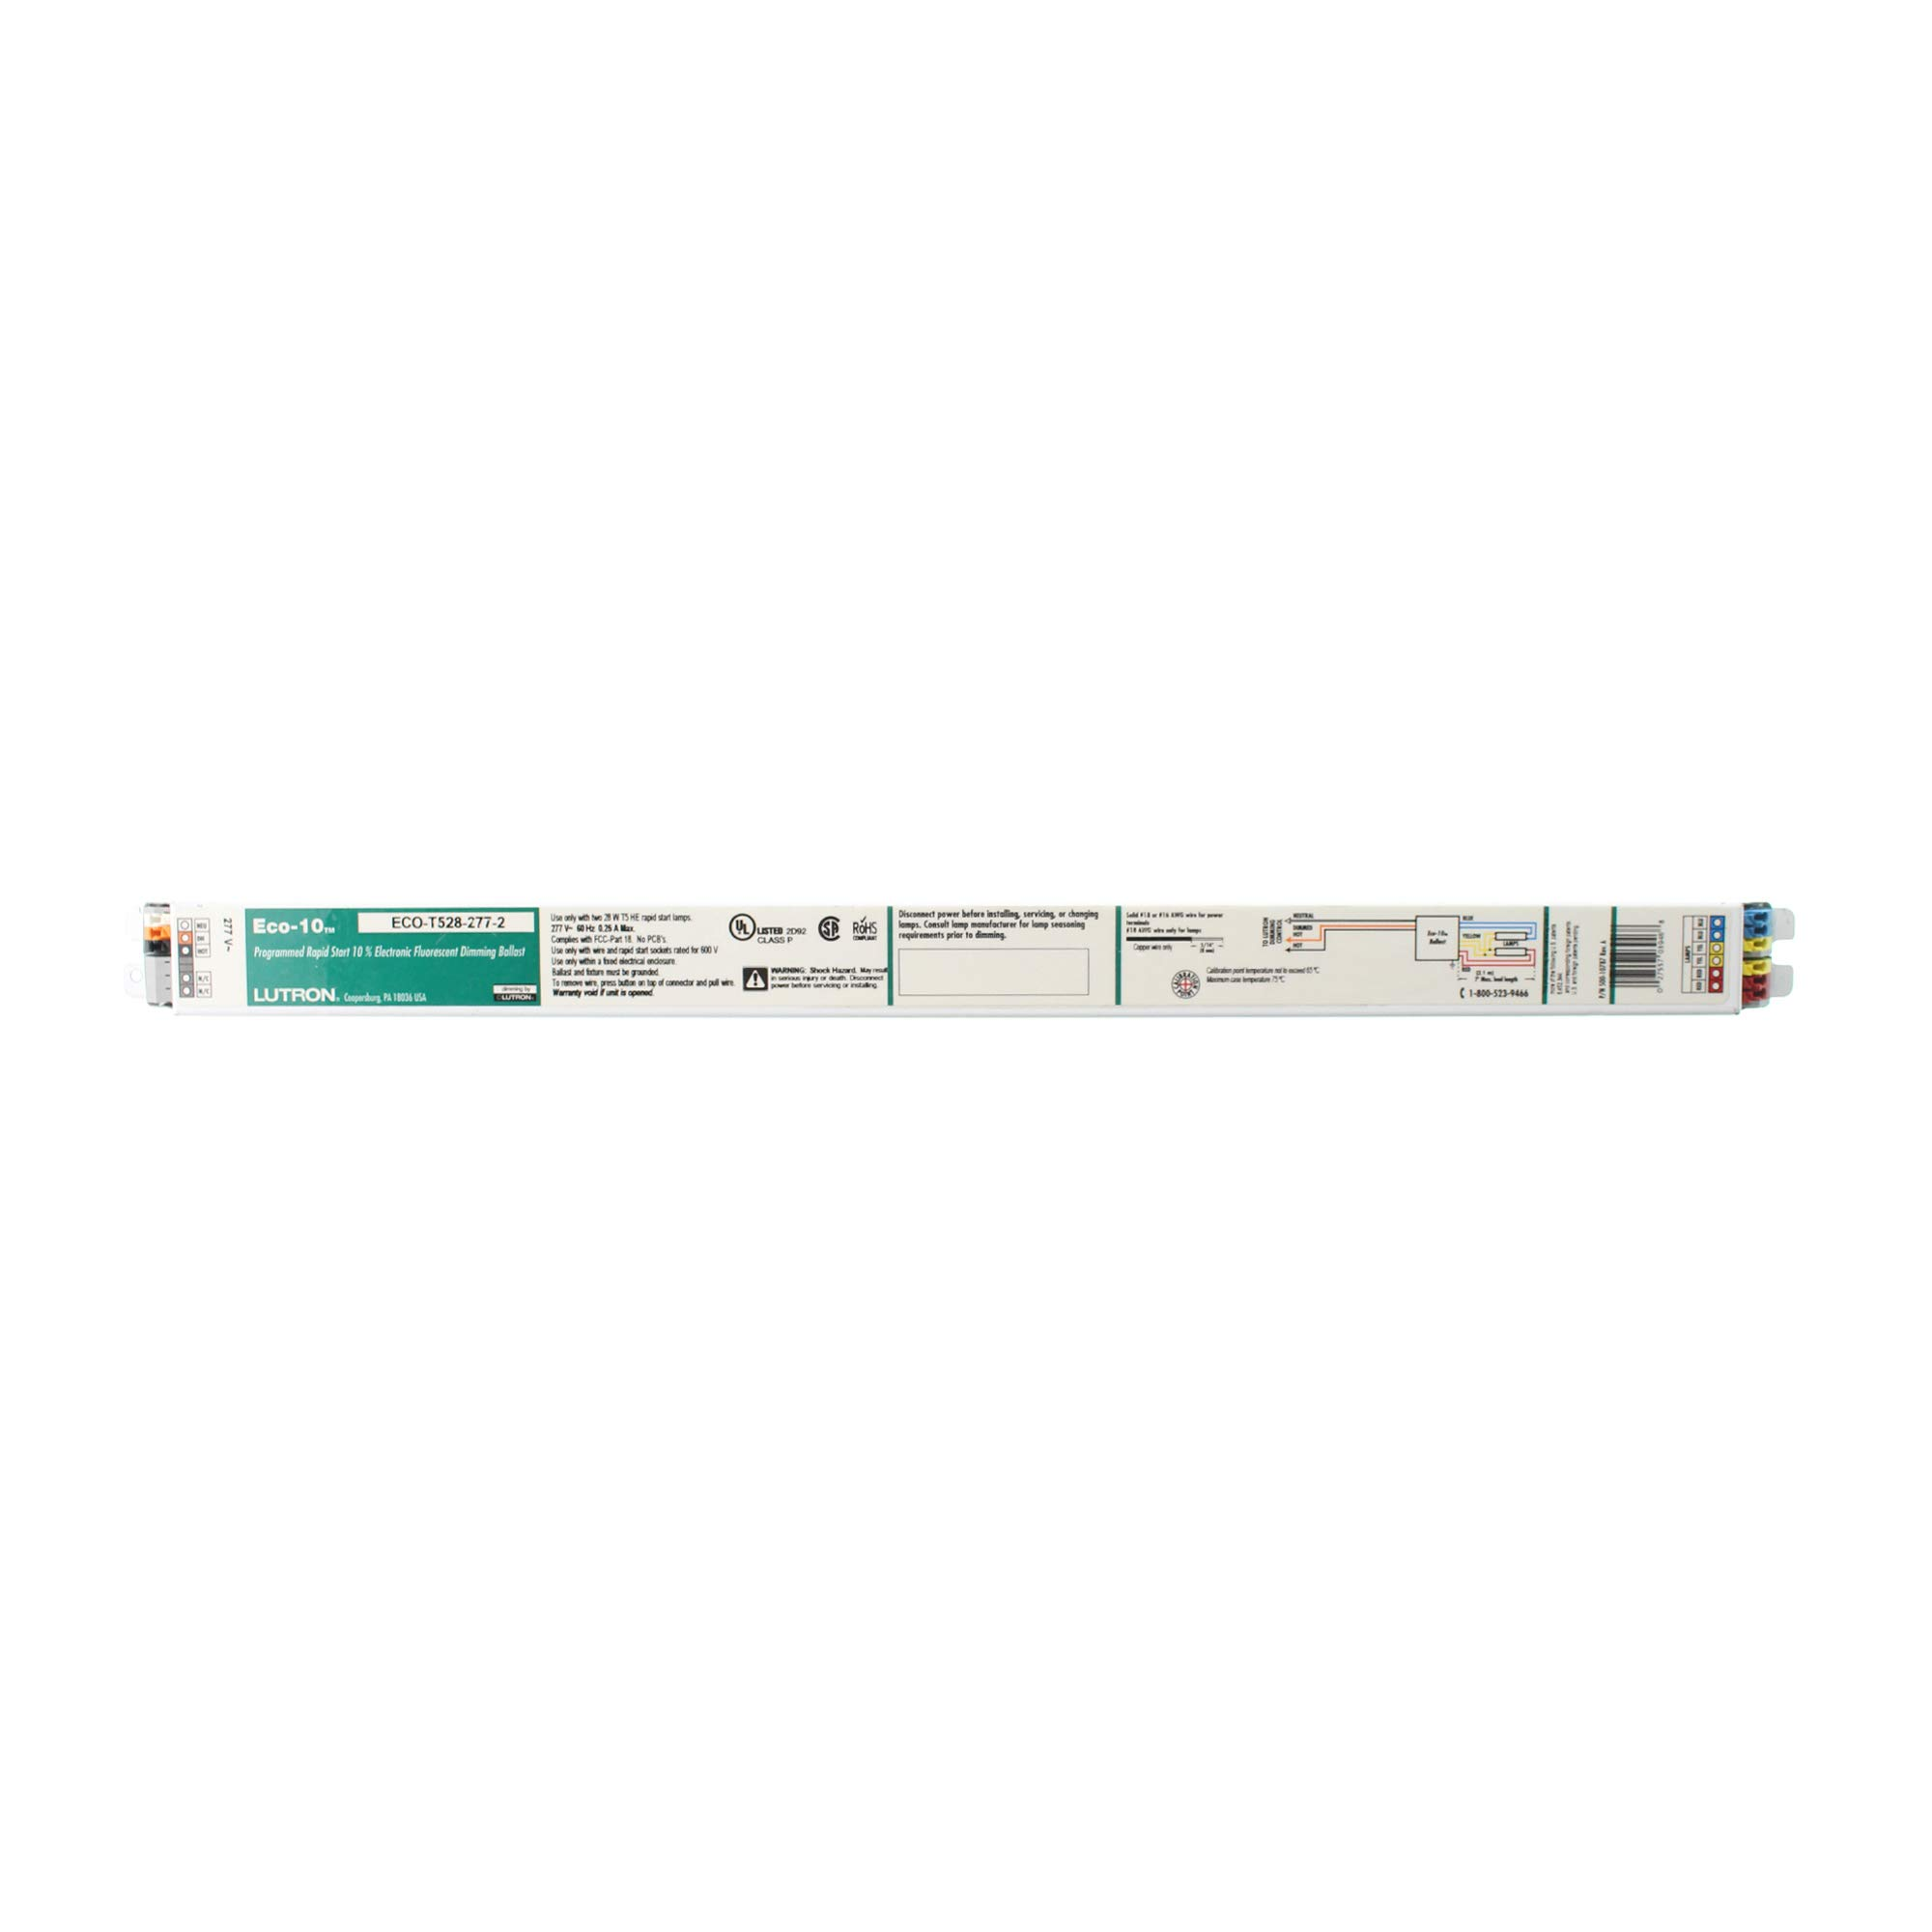 Lutron ECO-T528-277-2 Fluorescent Dimming Ballast, 2-Lamp, Eco T5 F28T5 28W, 277V